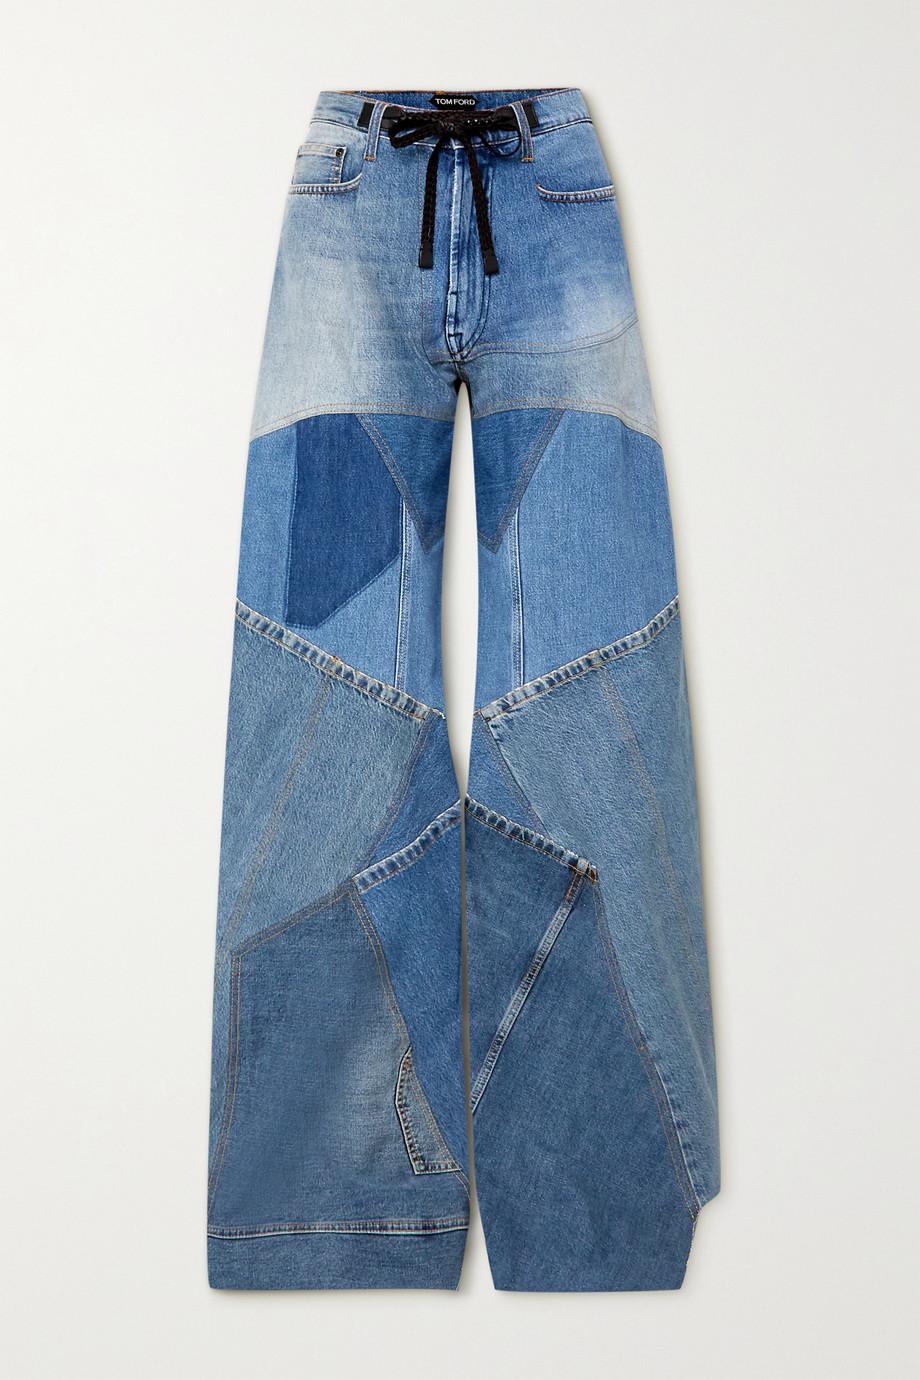 TOM FORD Hoch sitzende Jeans mit weitem Bein, Lederbesatz und Distressed-Details in Patchwork-Optik